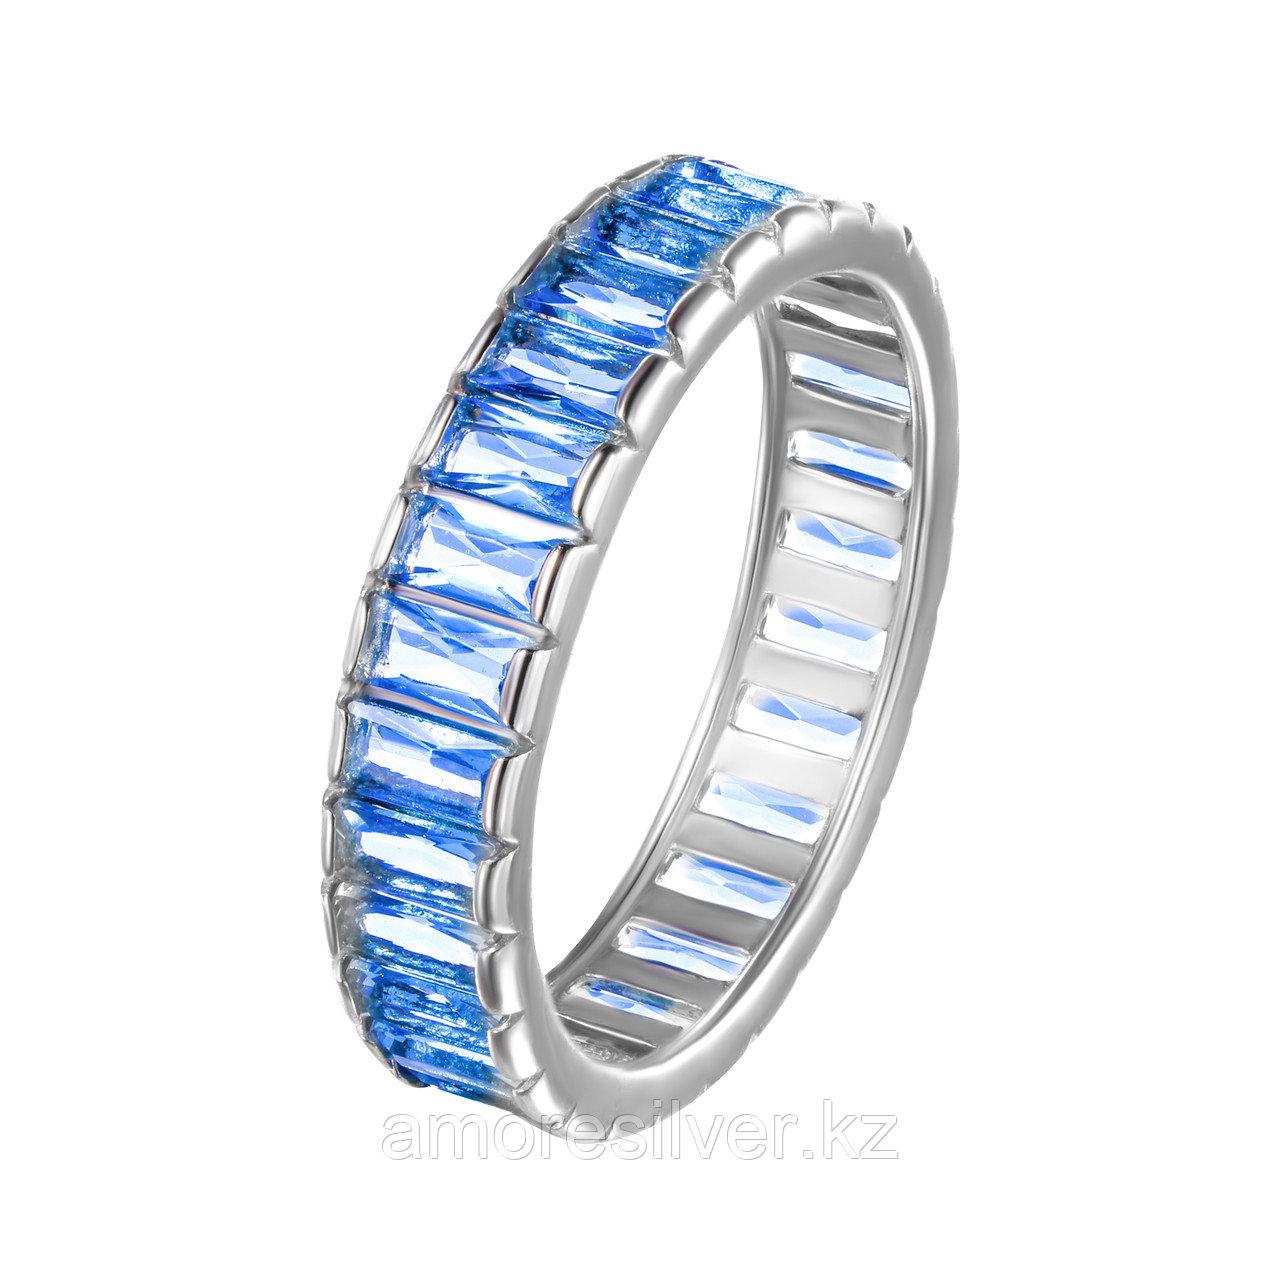 Кольцо TEOSA серебро с родием, фианит 10119-605-SPZ размеры - 17,5 18,5